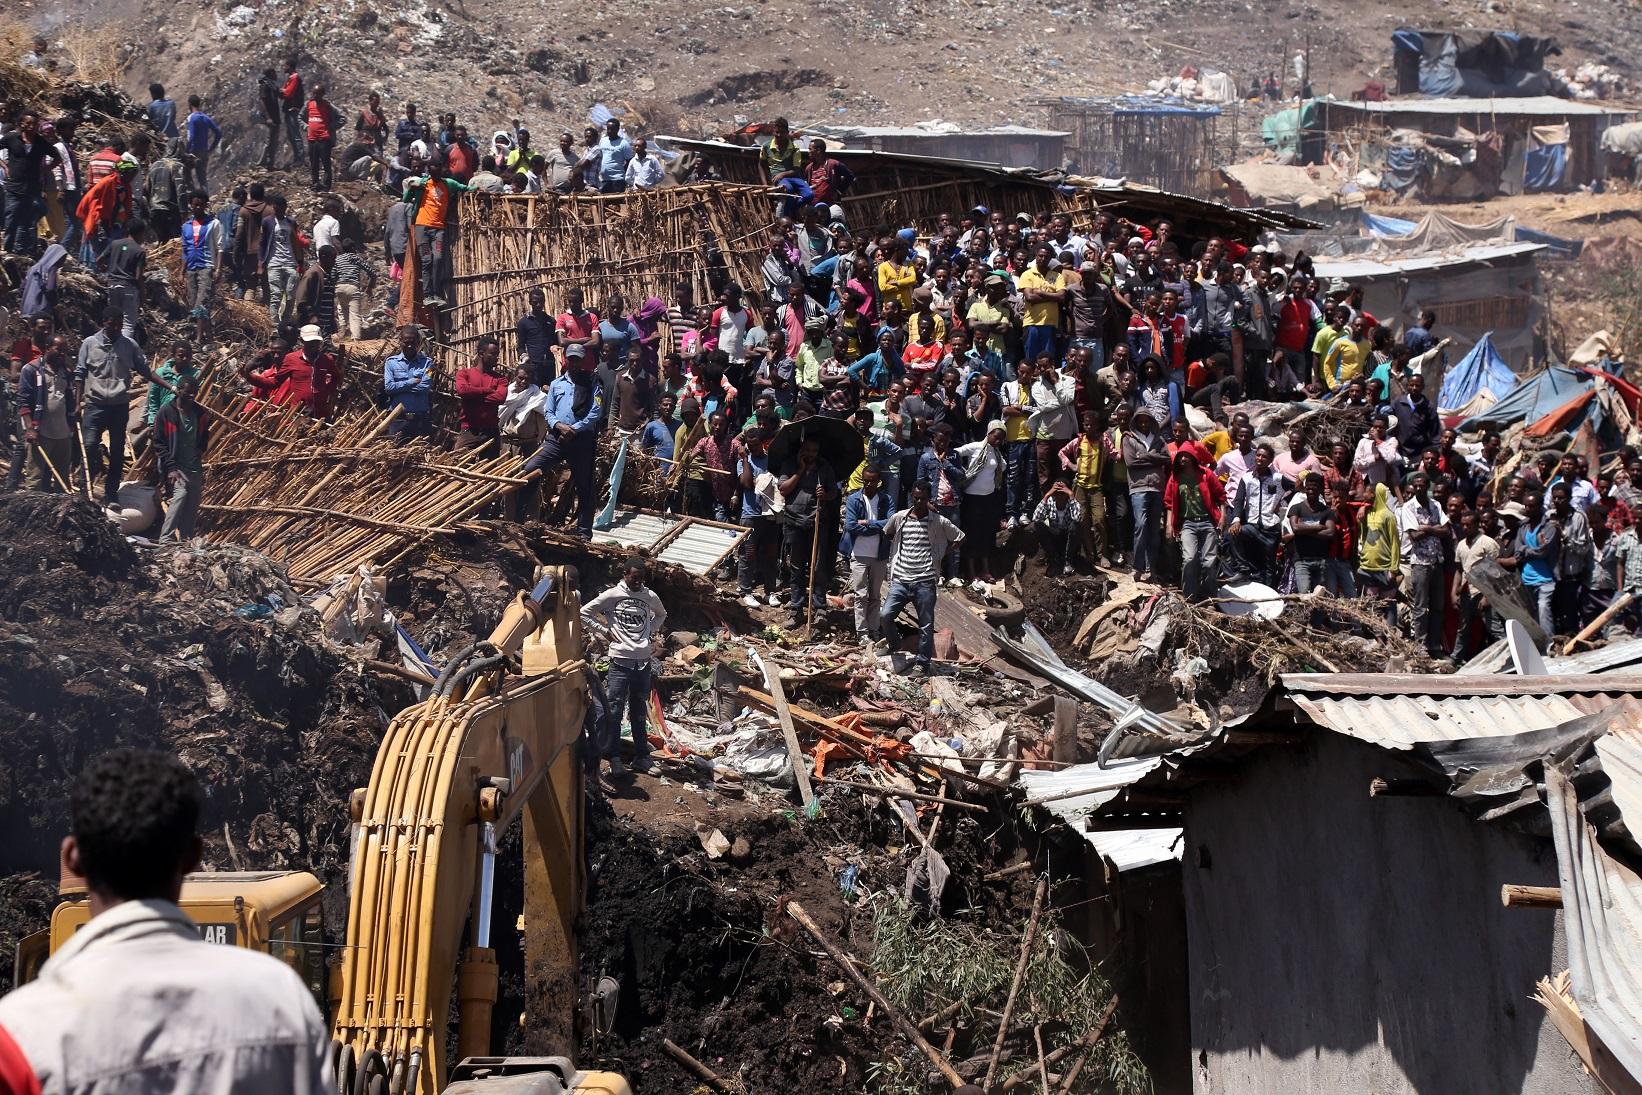 Trabalhadores fazem o trabalho de resgate das vítimas do lixão de Koshe, que deixou 115 mortos. Foto Minasse Wondimu/Anadolu Agençy